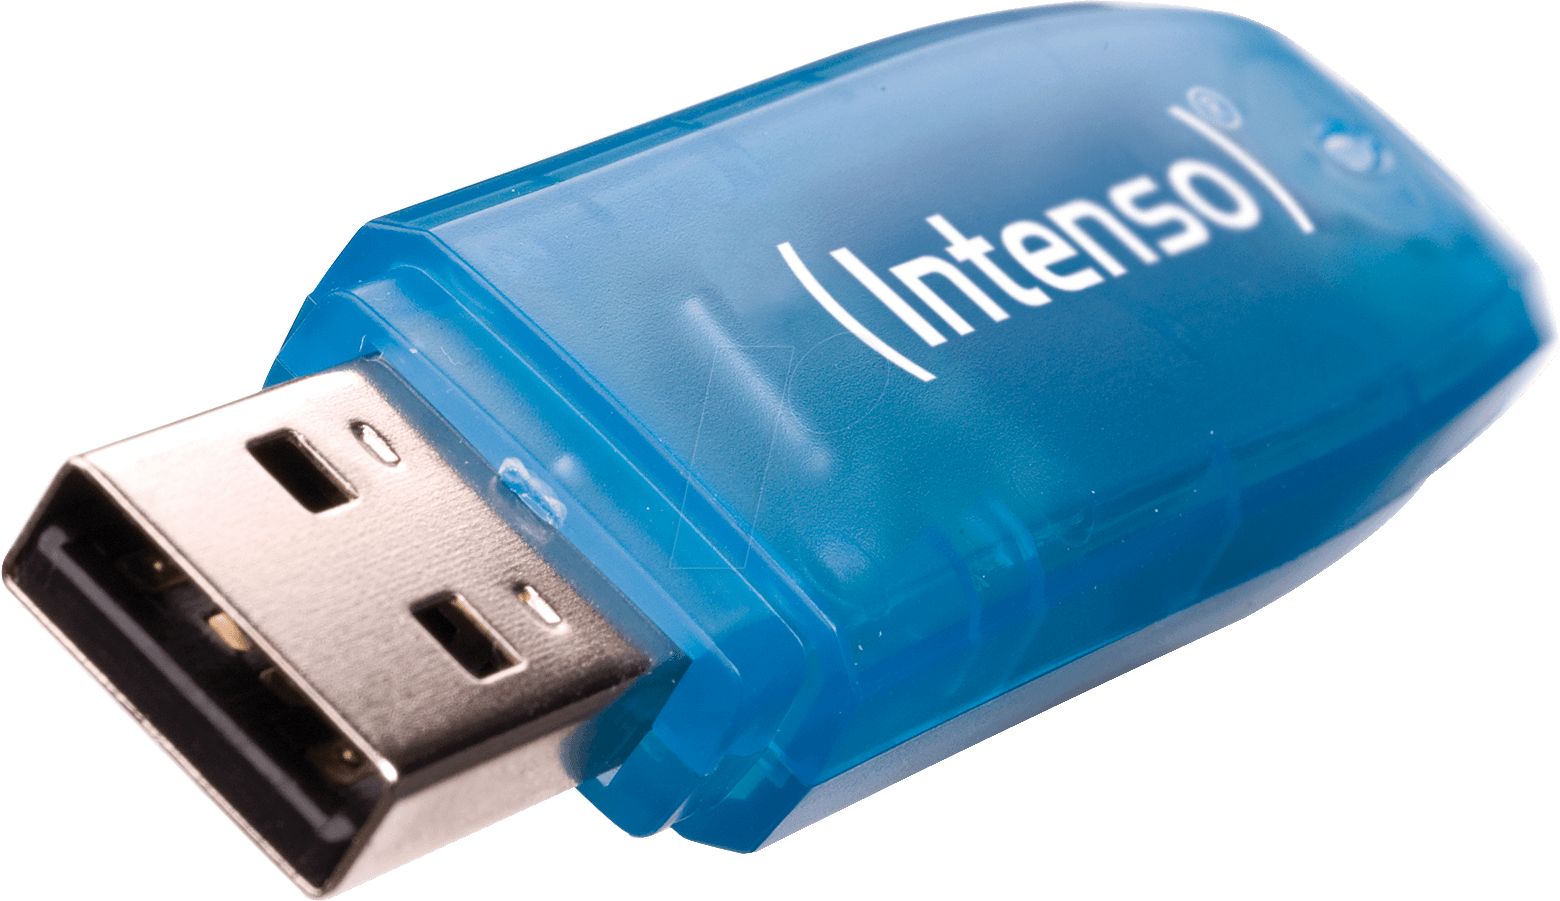 INTENSO RBL 4GB: USB2.0-Stick 4GB Intenso Rainbow-Line bei reichelt elektronik